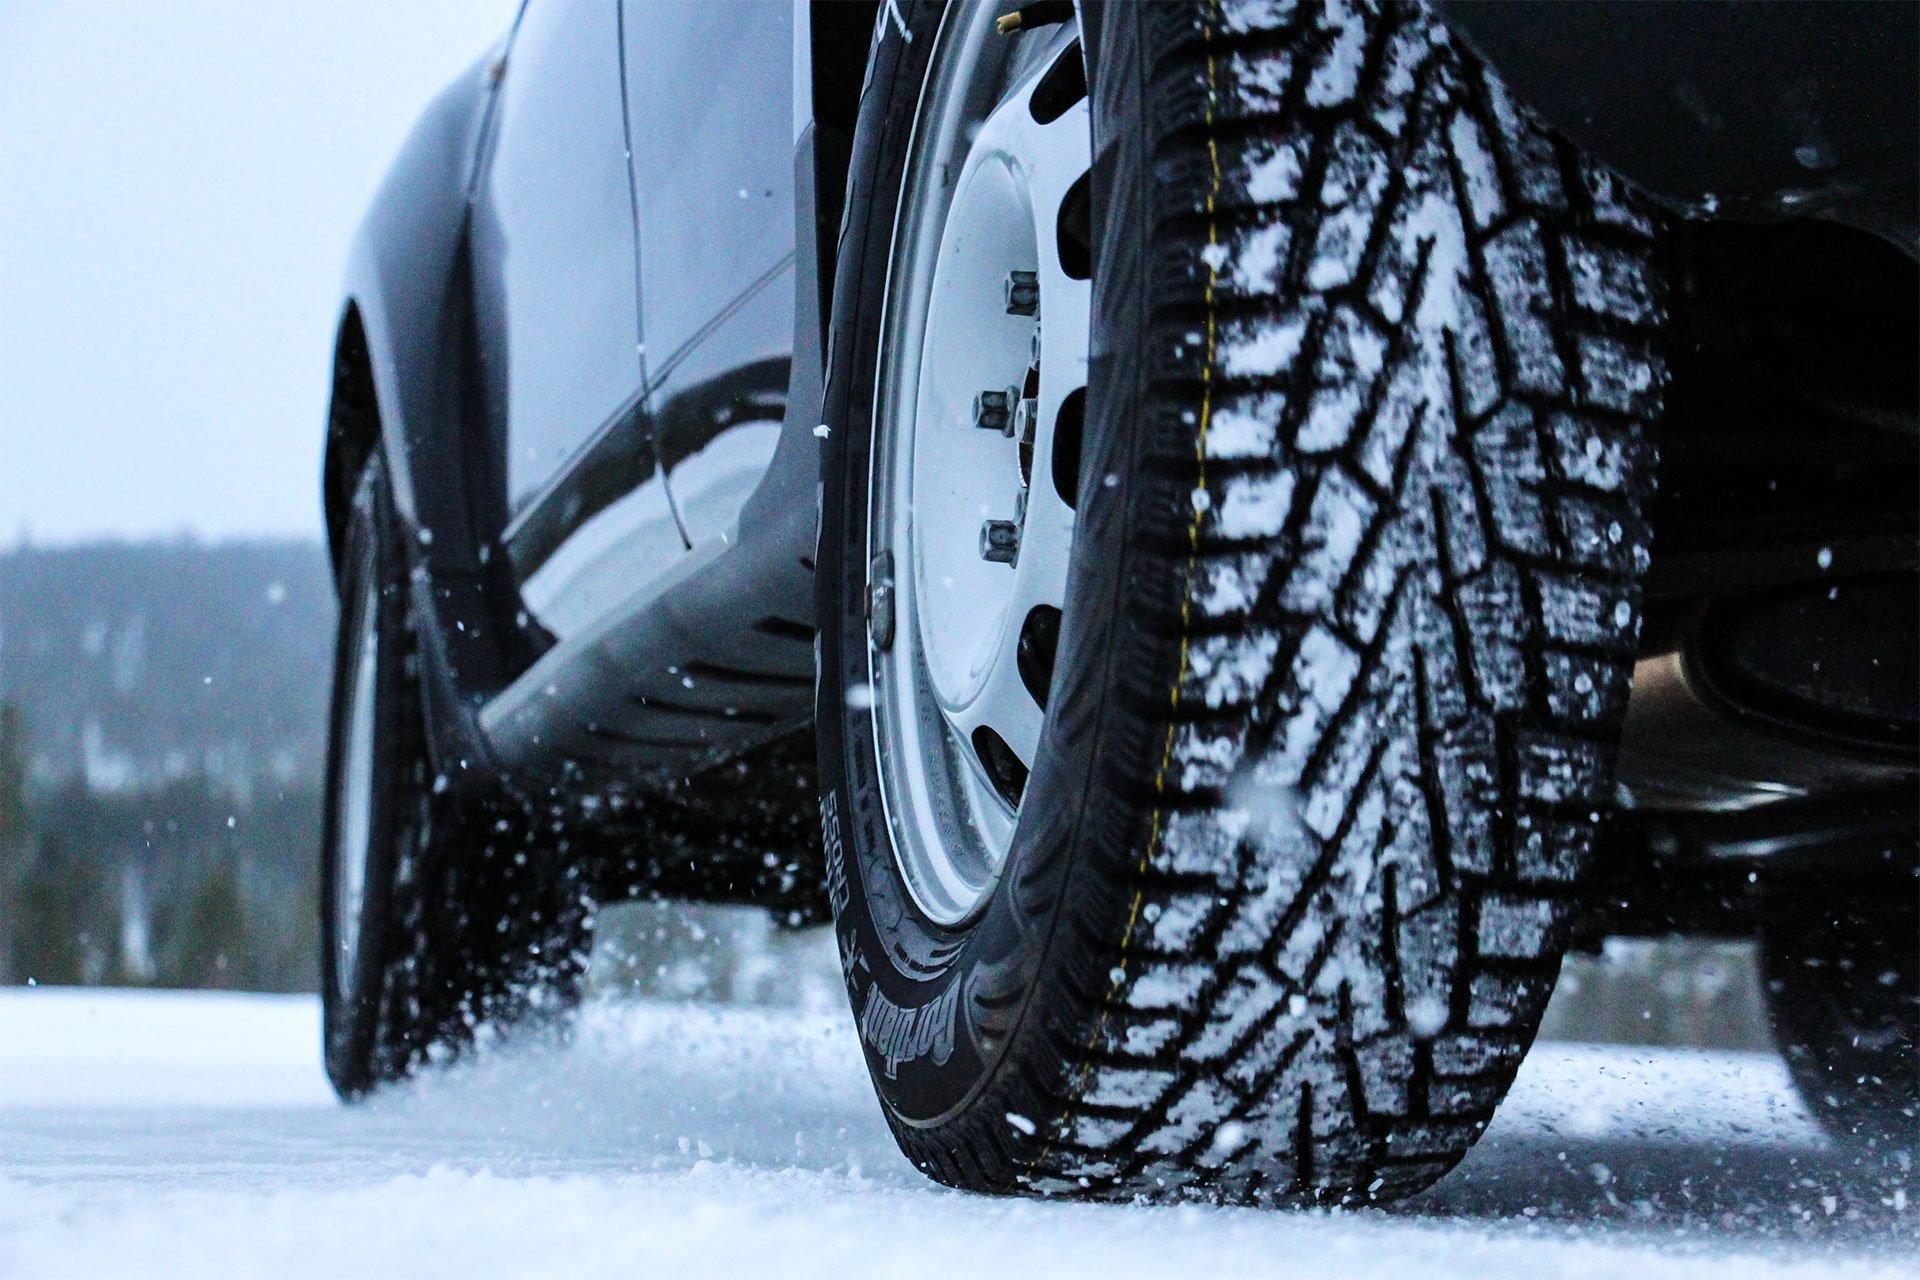 Дали советы по уходу за машиной в зимний период